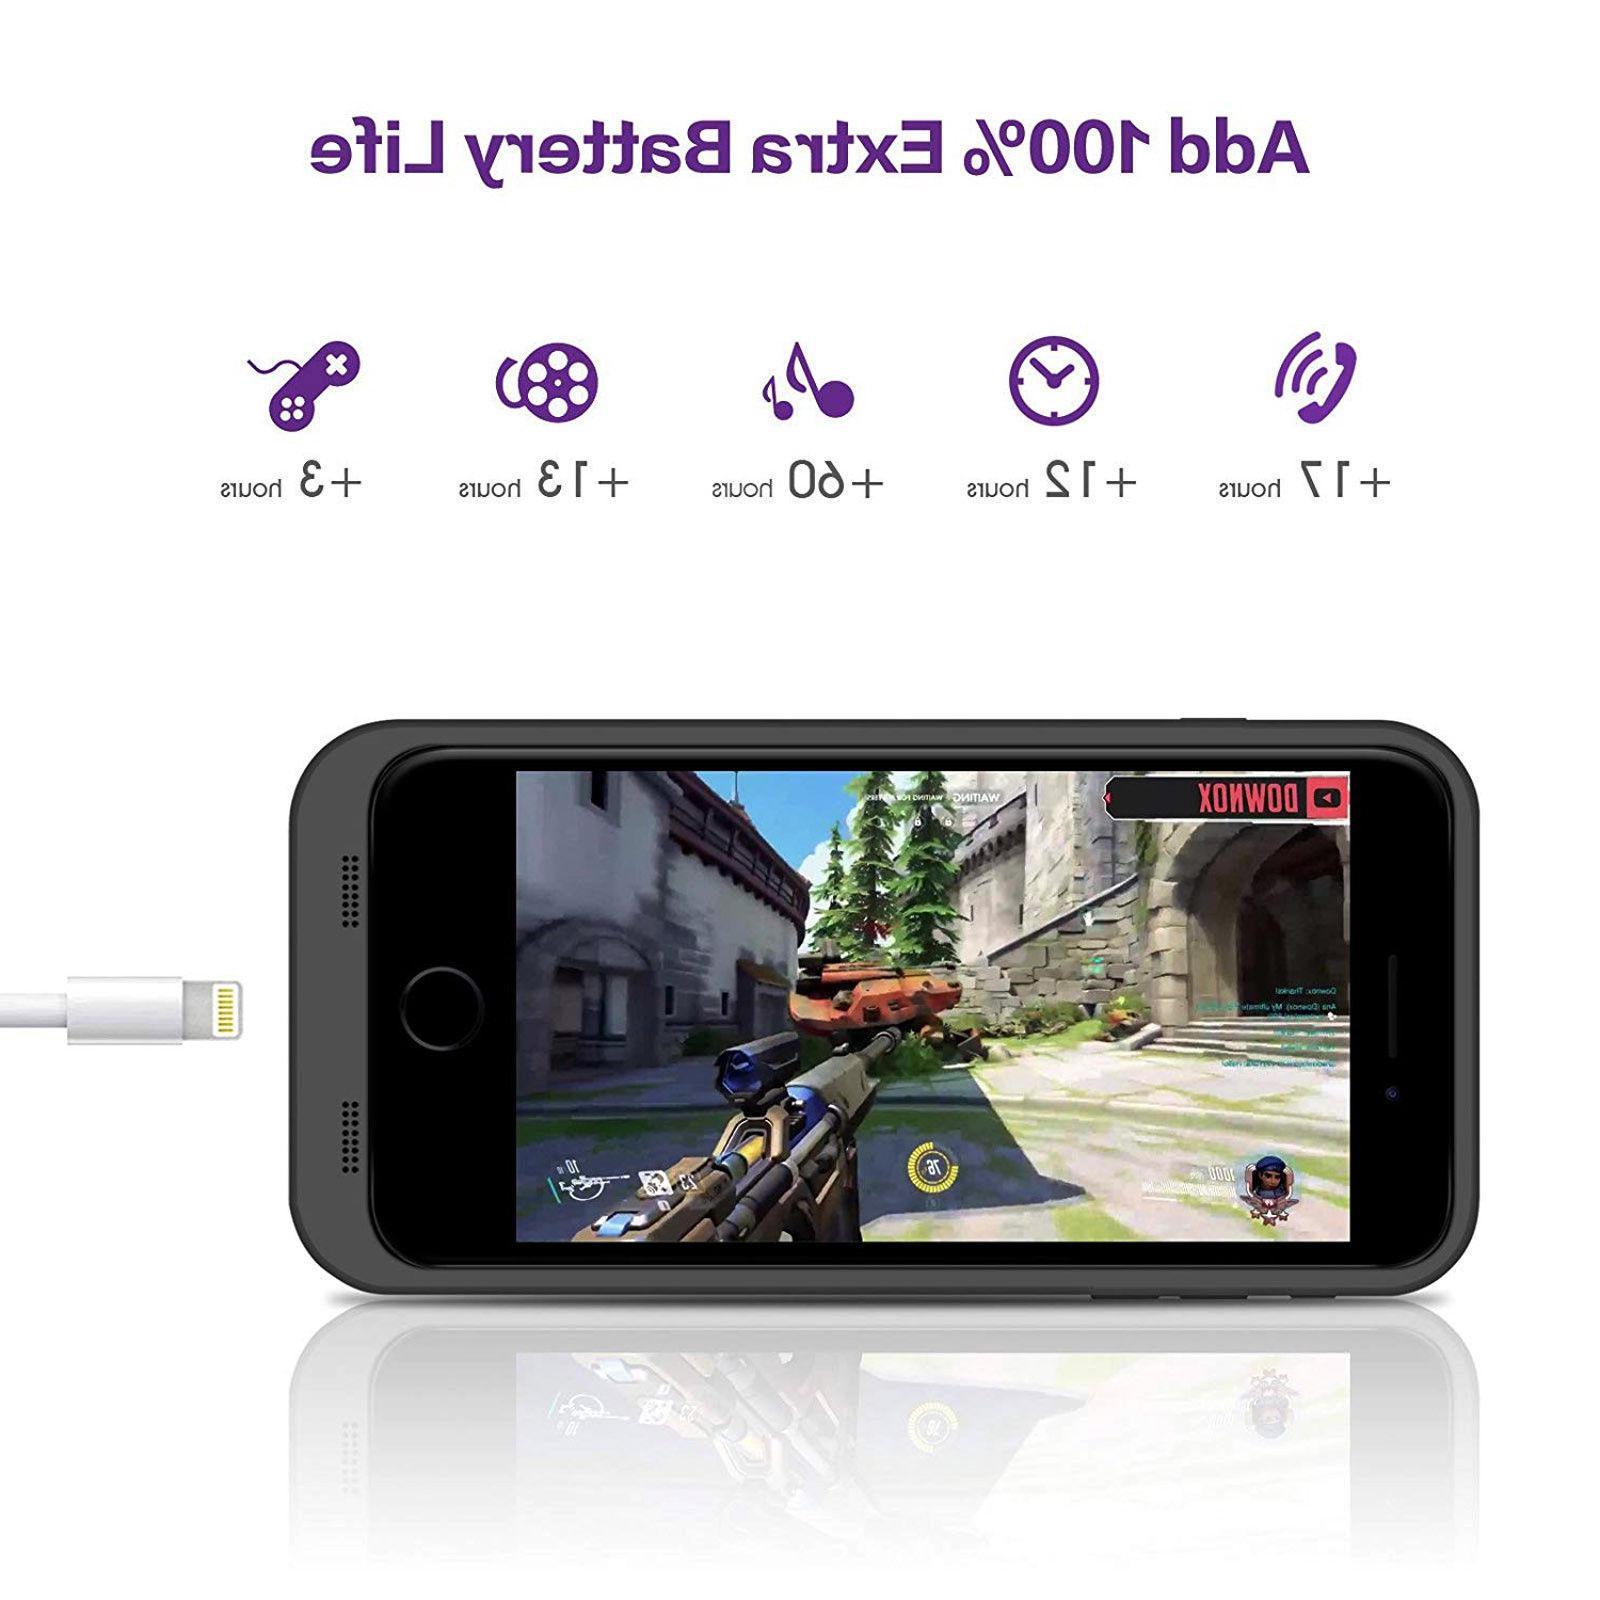 New External Adapter iPhone 7